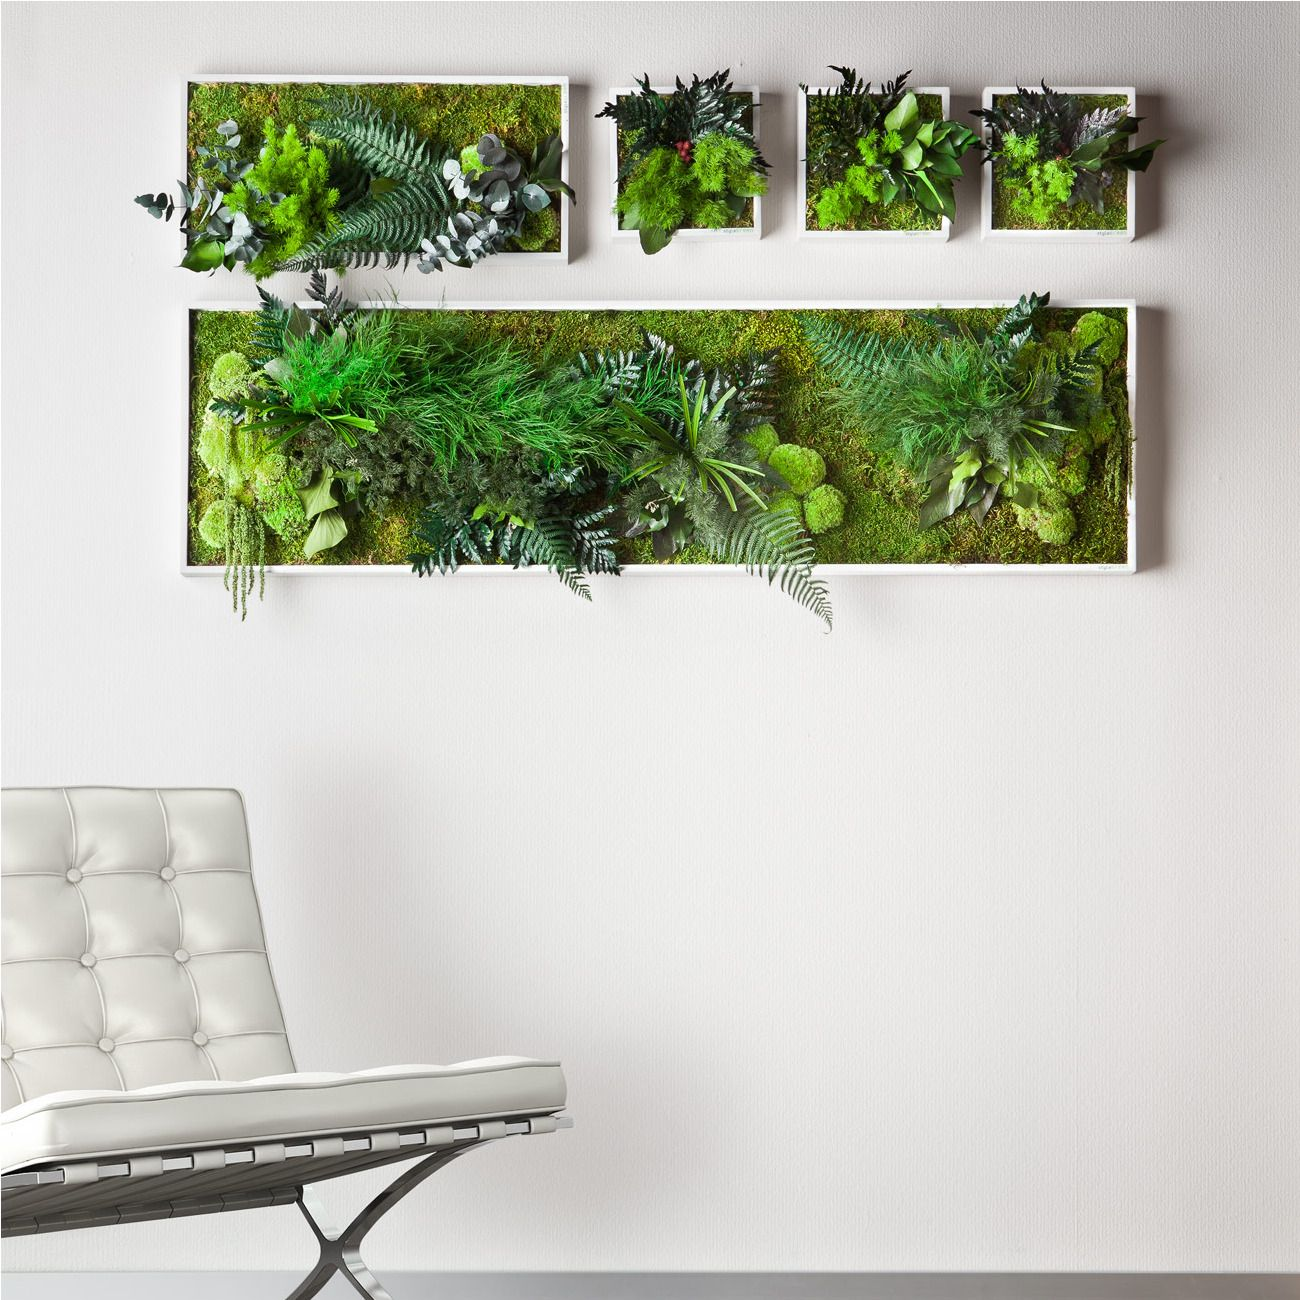 Wandbegrünung echtpflanzenbilder wand begrünung aus echtpflanzen speziell